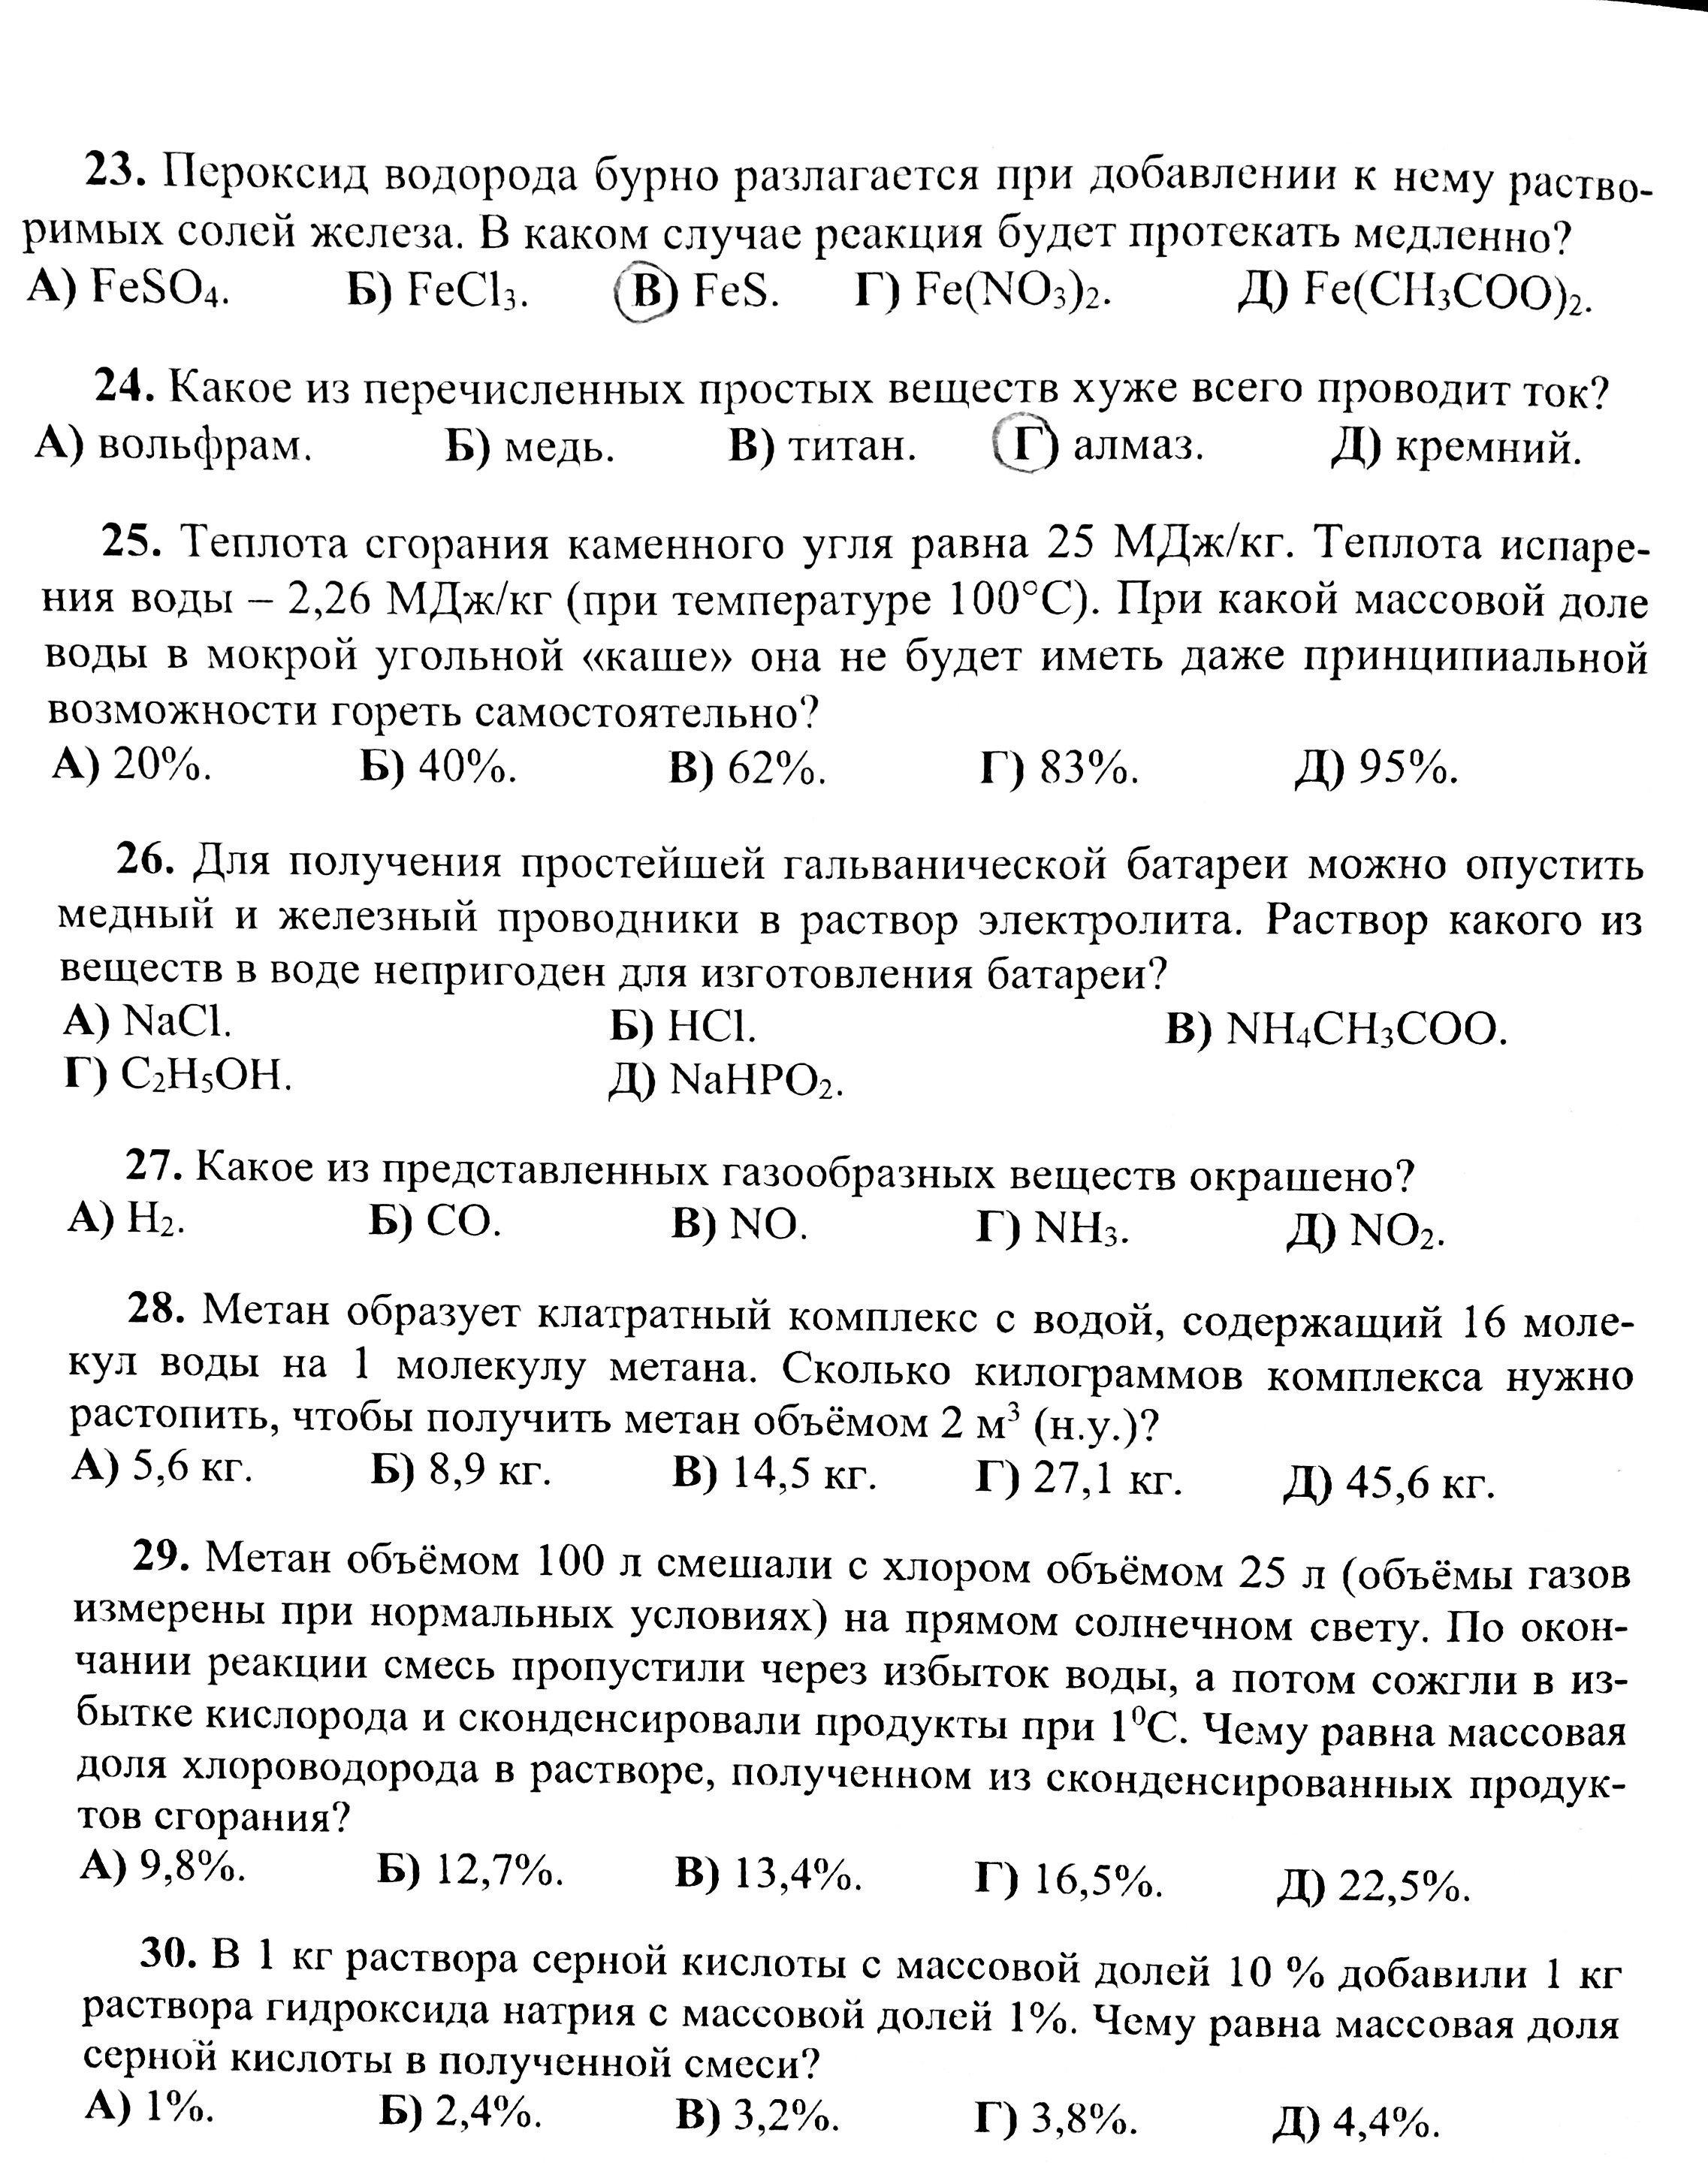 Ответы к олимпиаде по химии 8-9 класс